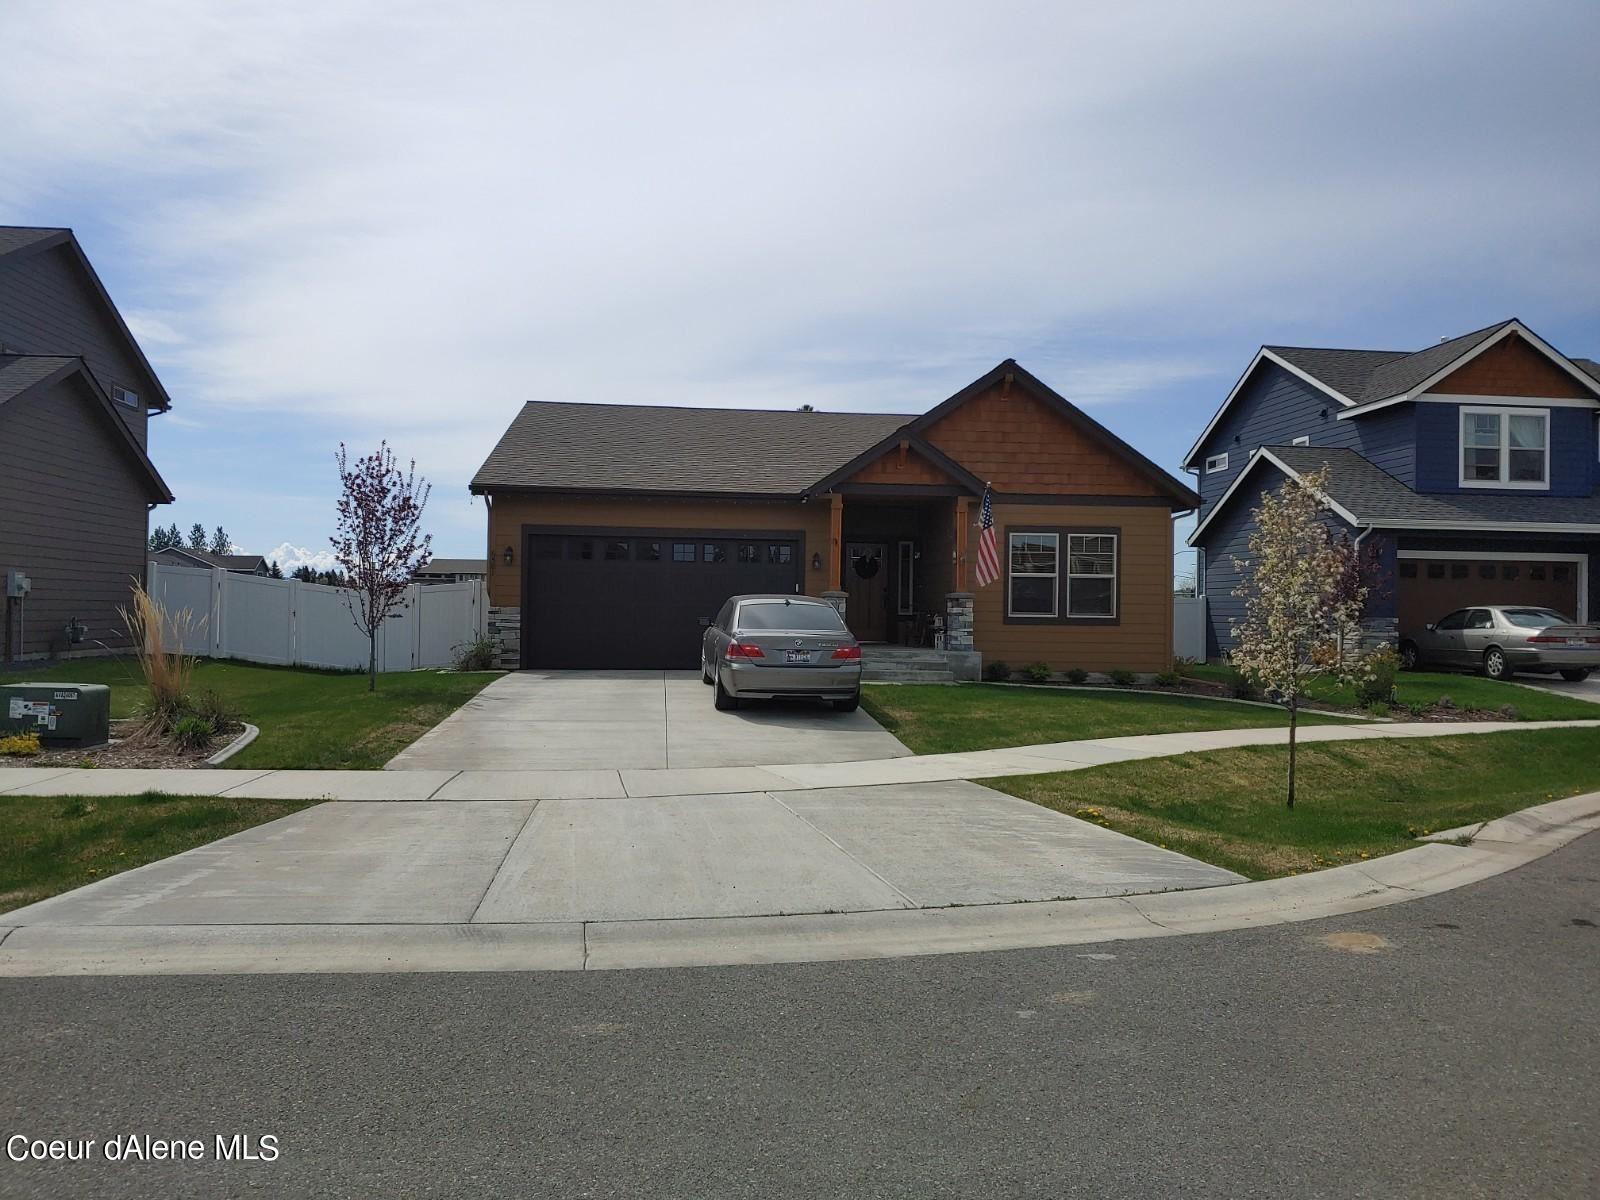 Photo of 6581 N GAVIN LOOP, Coeur dAlene, ID 83815 (MLS # 21-4040)